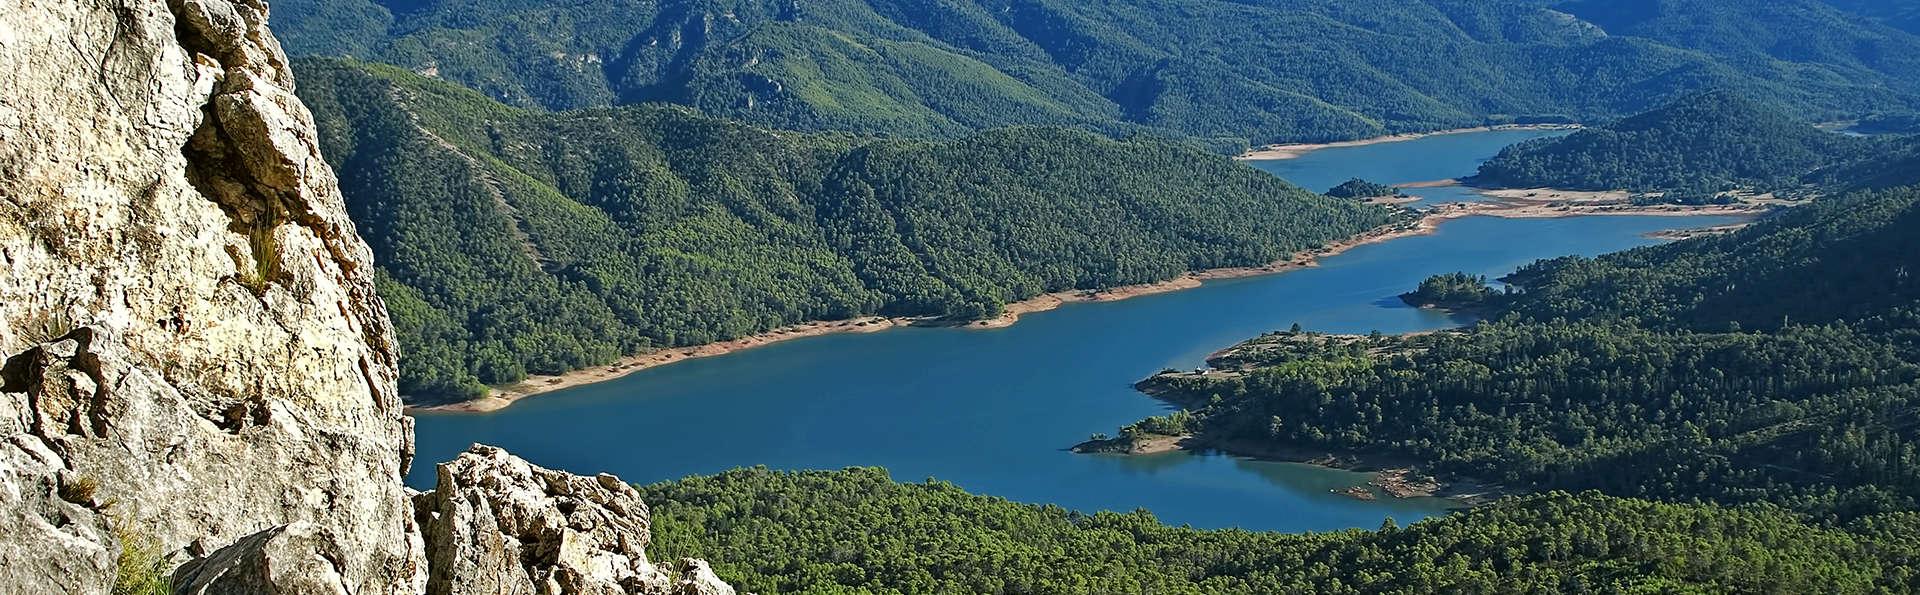 Escapada con paseo en barco en Hotel Rural 4* en la Sierra de Cazorla